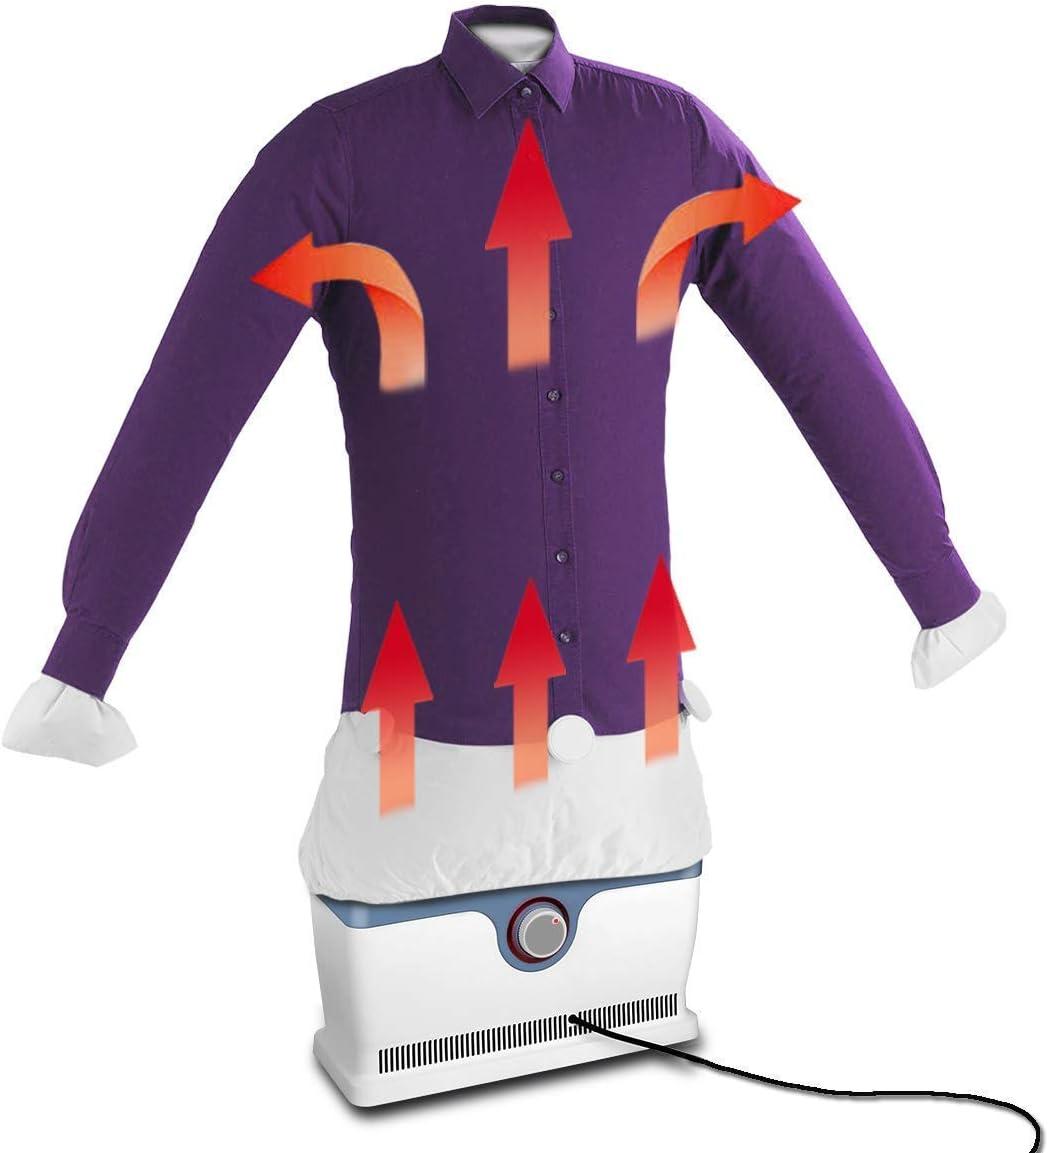 Wysgvazgv automática Plancha de muñeca para Pantalones Camisas Blusas, automático Camisa Plancha Plancha eléctrica de Planchar muñeca Blusa Plancha Pantalón Accesorio de Planchado Ironing Machine: Amazon.es: Productos para mascotas